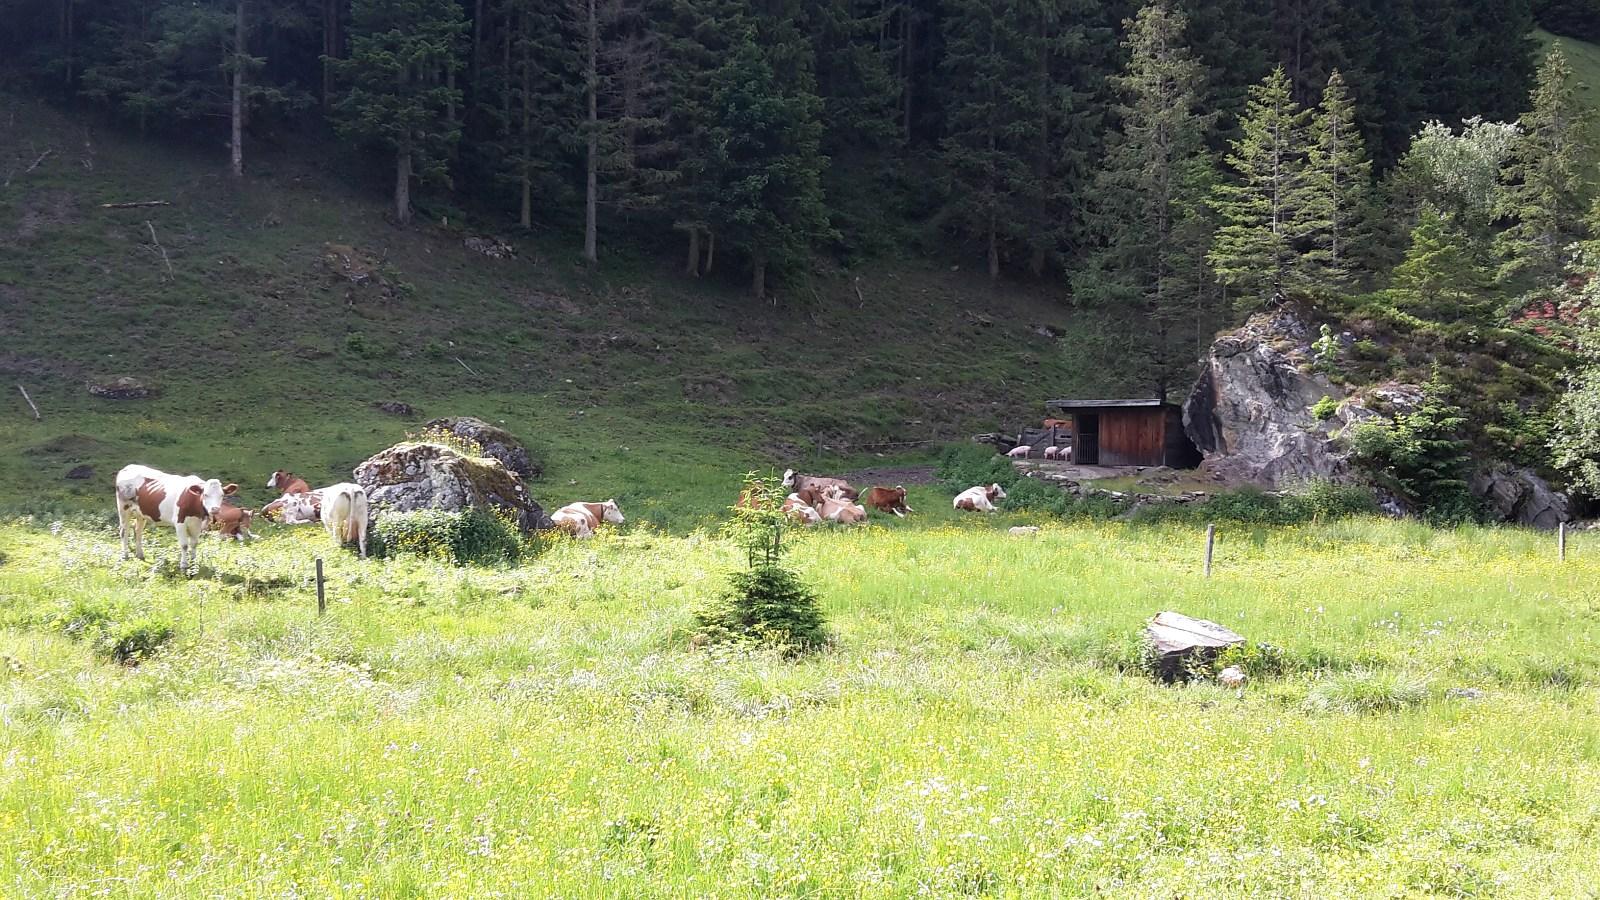 unsere Kühe und Schweinchen auf der Alm genießen das schöne Wetter